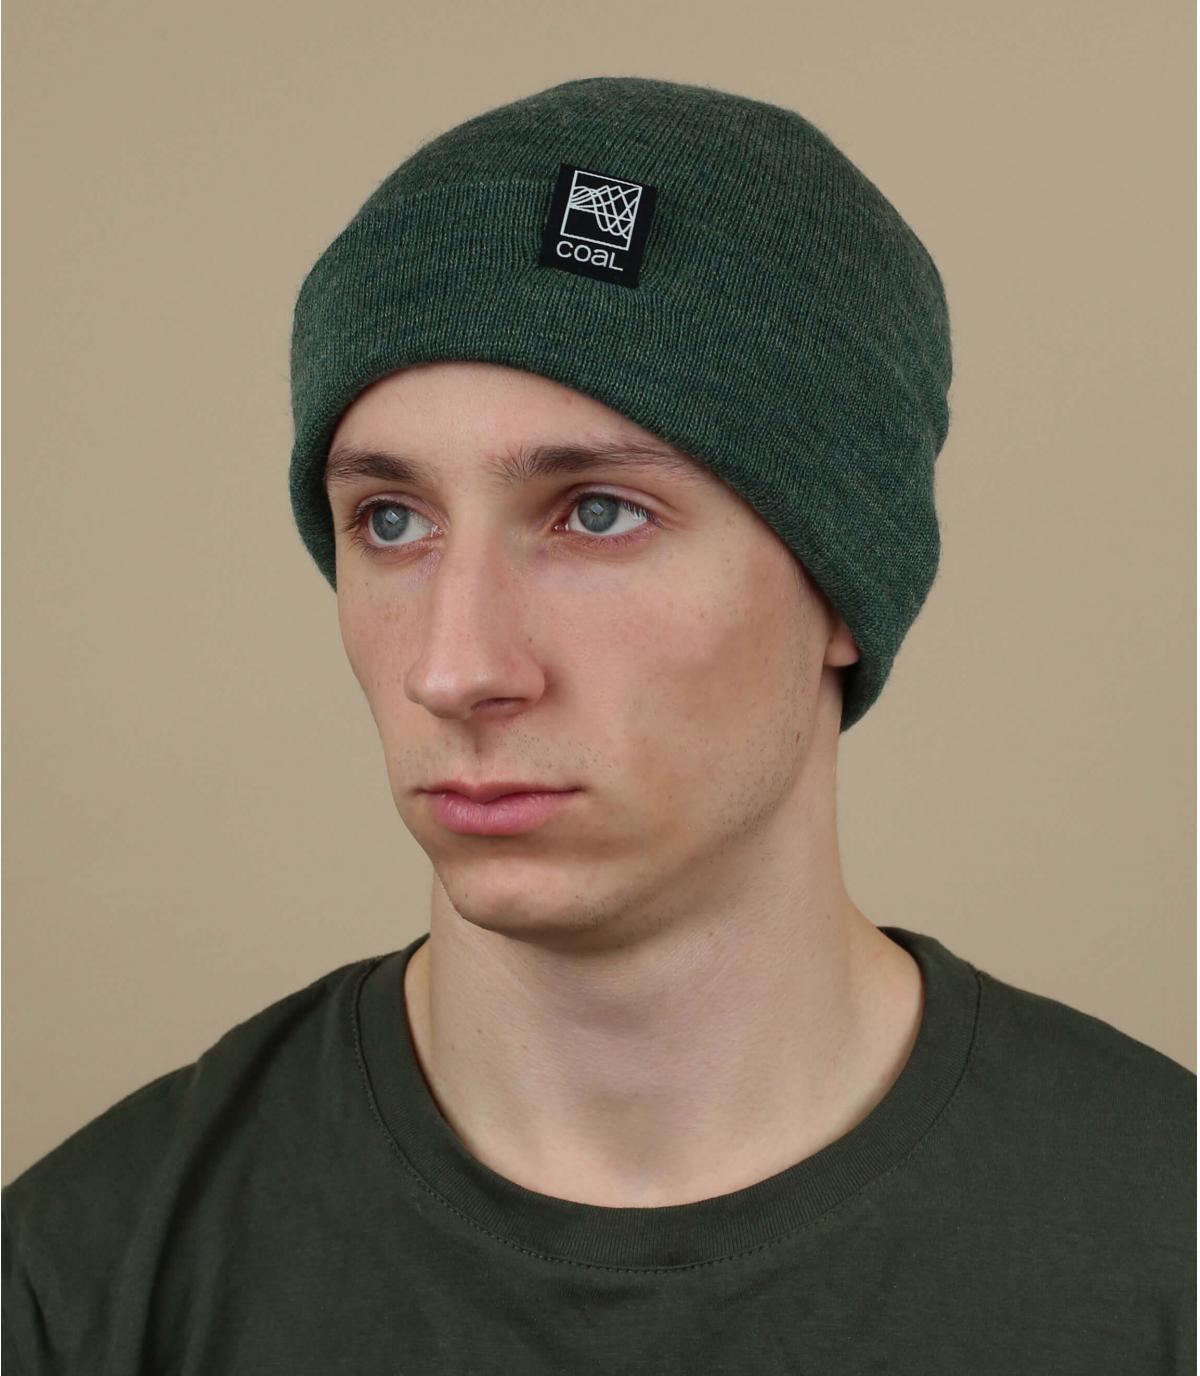 gorro puño verde Coal lana